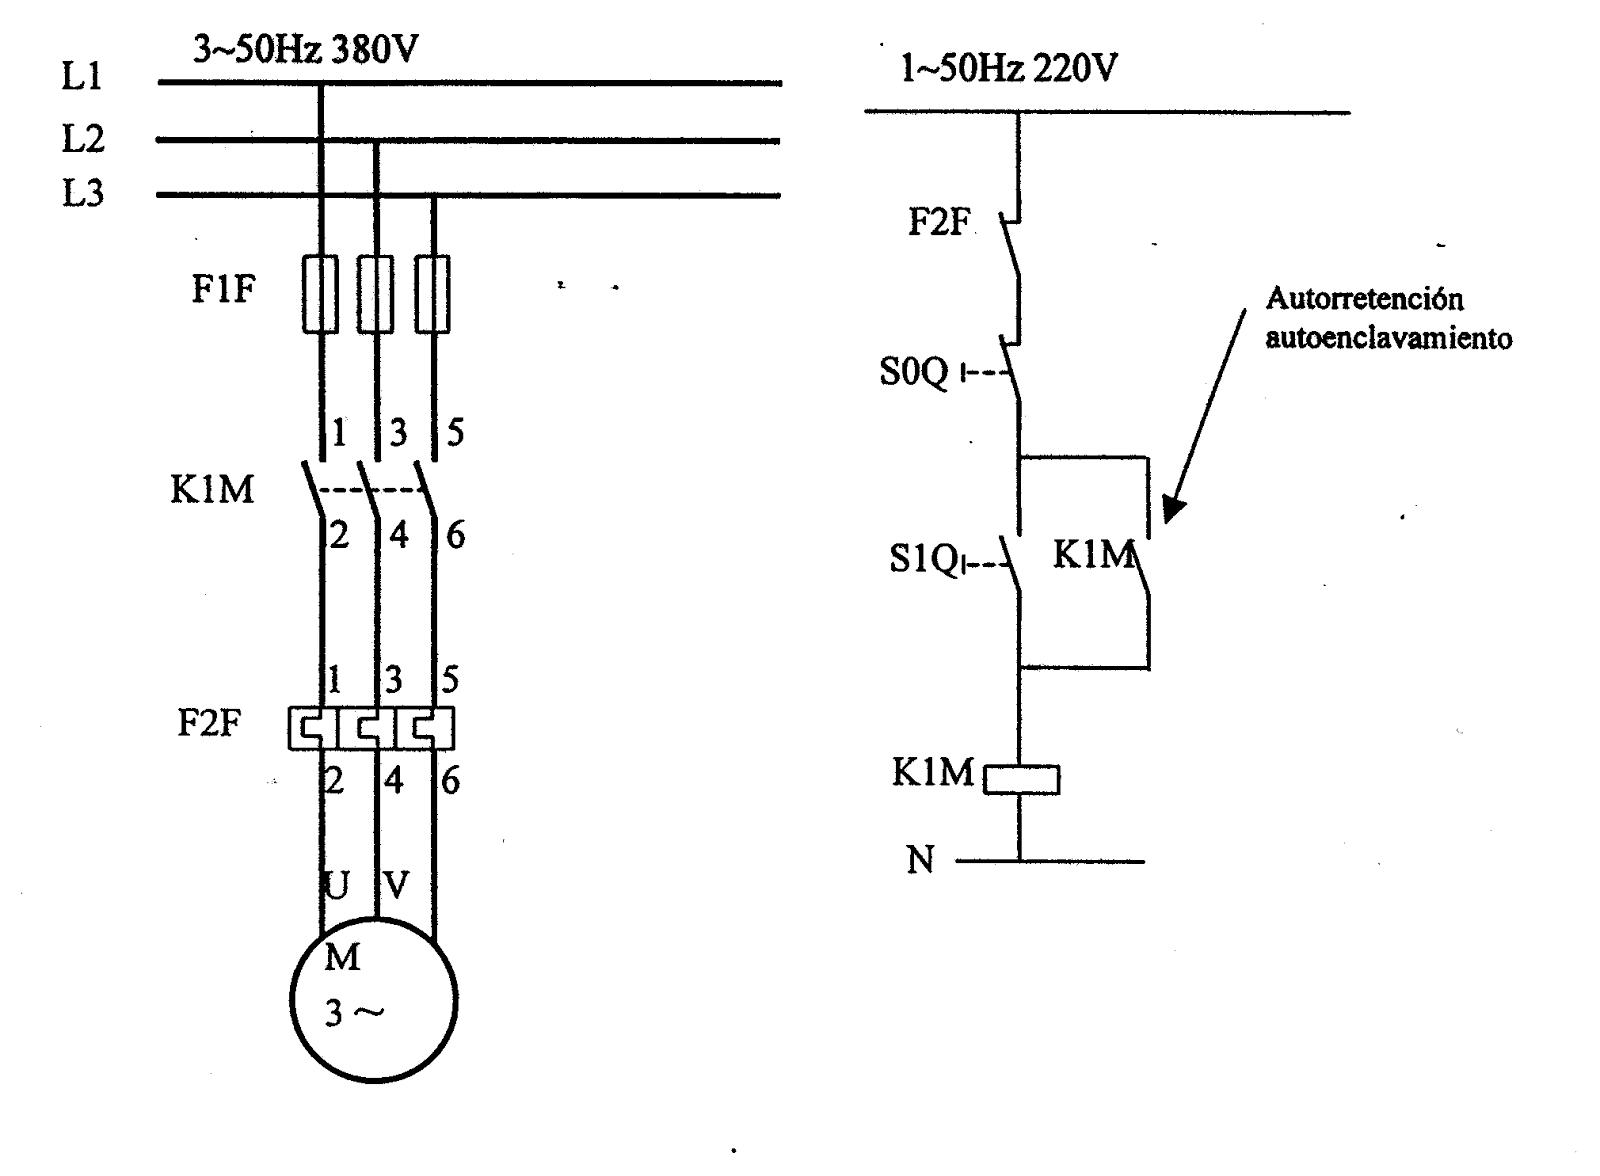 como se ha indicado los equipos de electrobombas son